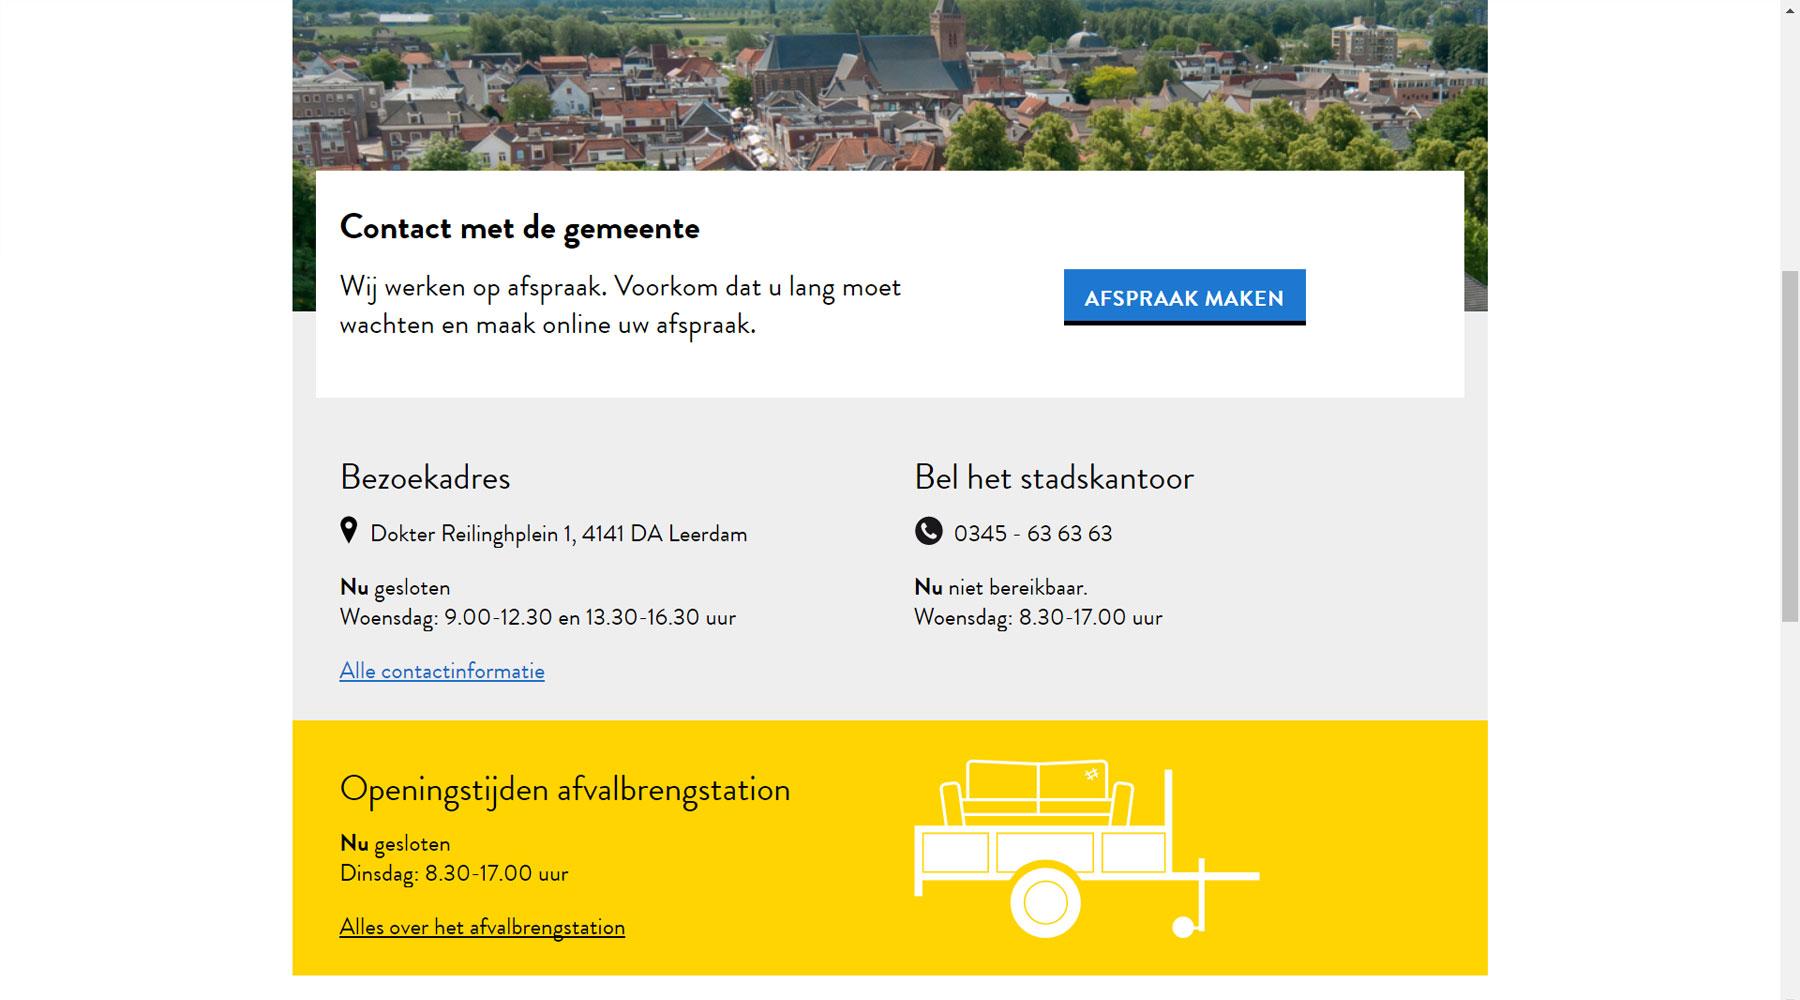 Openingstijden gemeentehuis direct inzichtelijk | Toptaken website